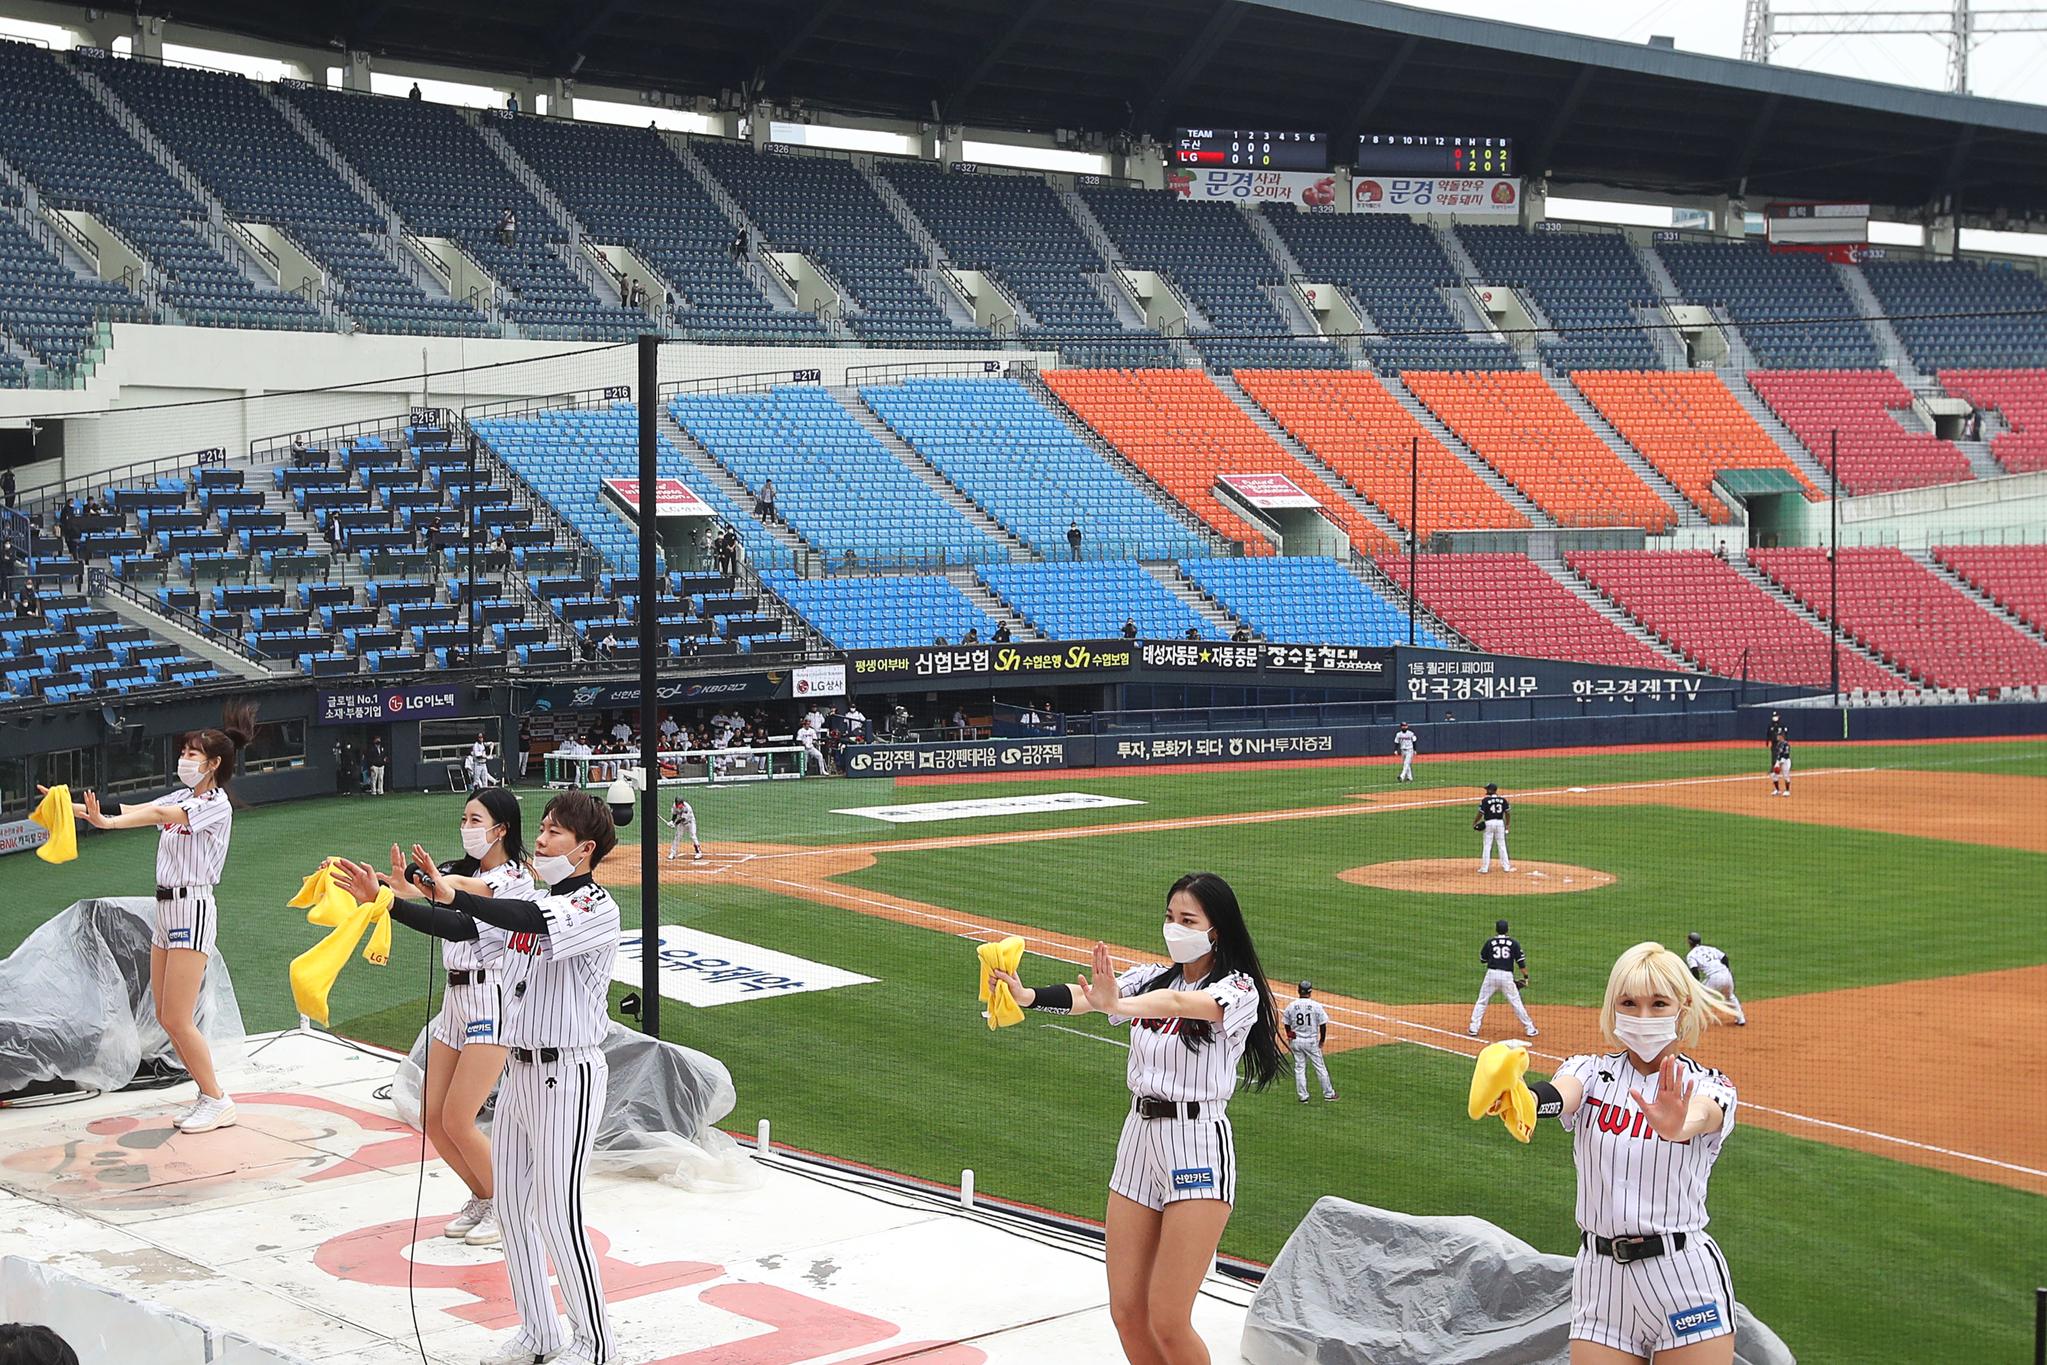 프로야구가 개막한 5일 서울 잠실운동장에서 LG 트윈스와 두산 베어스의 경기가 무관중으로 진행되고 있다. 관중이 없어도 치어리더들의 응원은 이어졌다. 장진영 기자